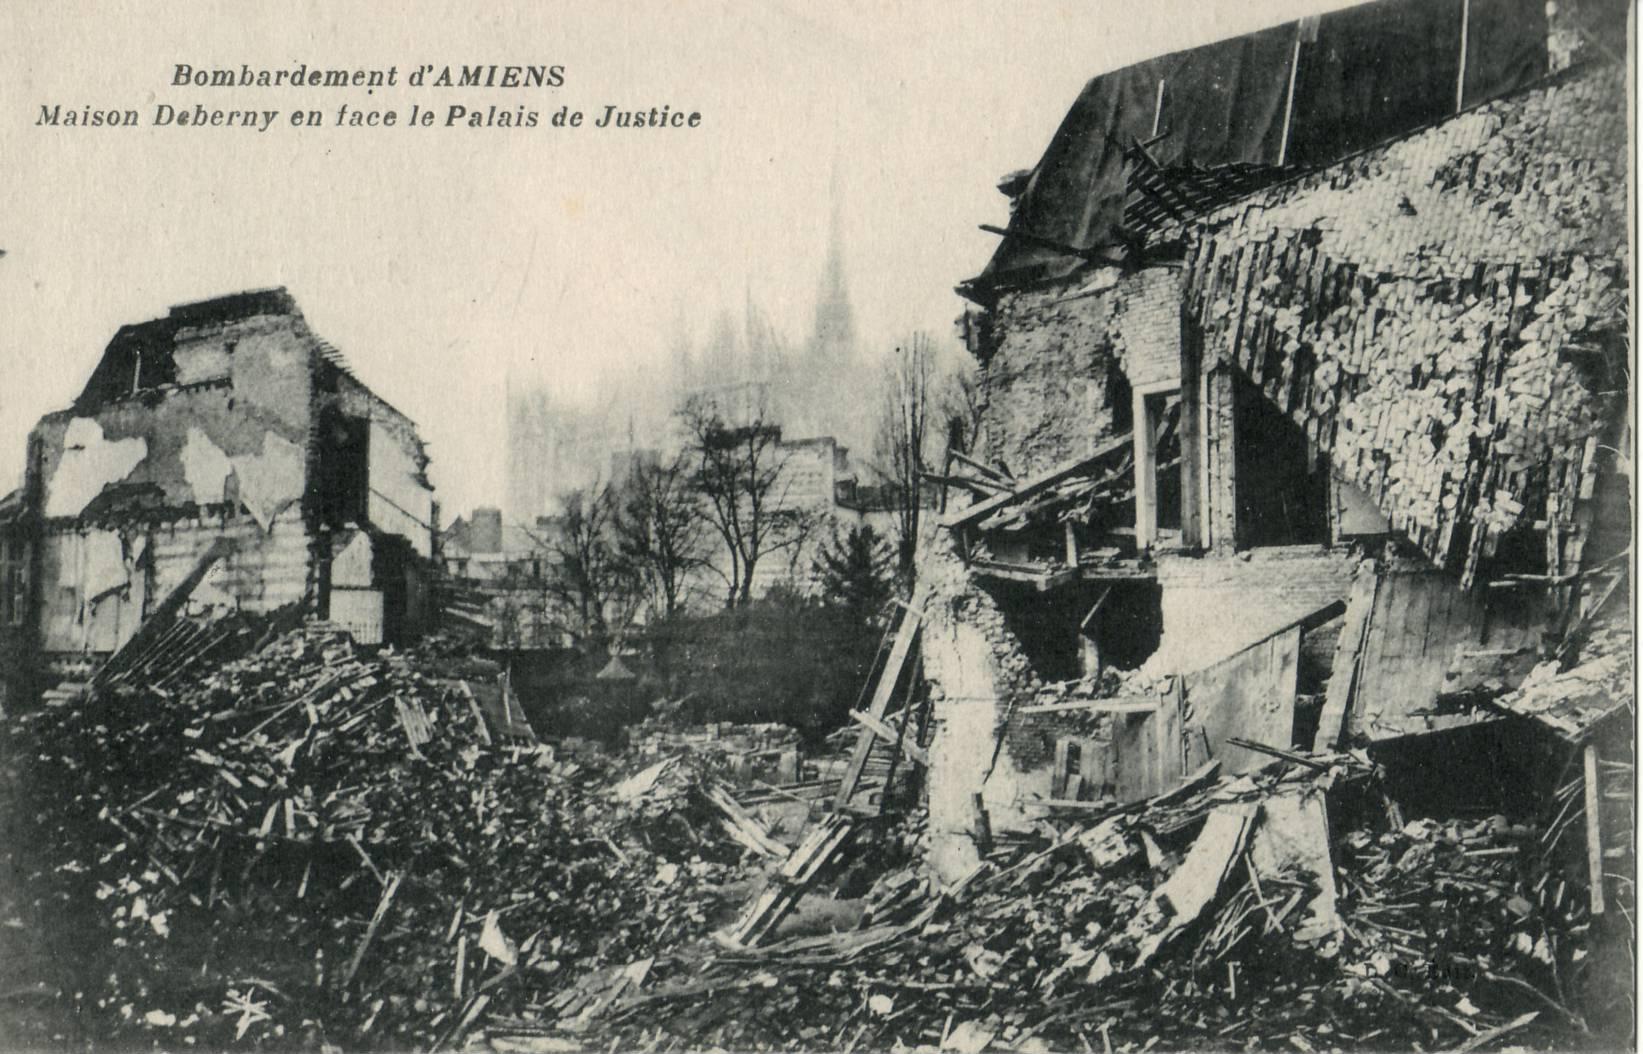 fichier inconnu bombardement d 39 amiens maison deberny en face du palais de justice jpg. Black Bedroom Furniture Sets. Home Design Ideas